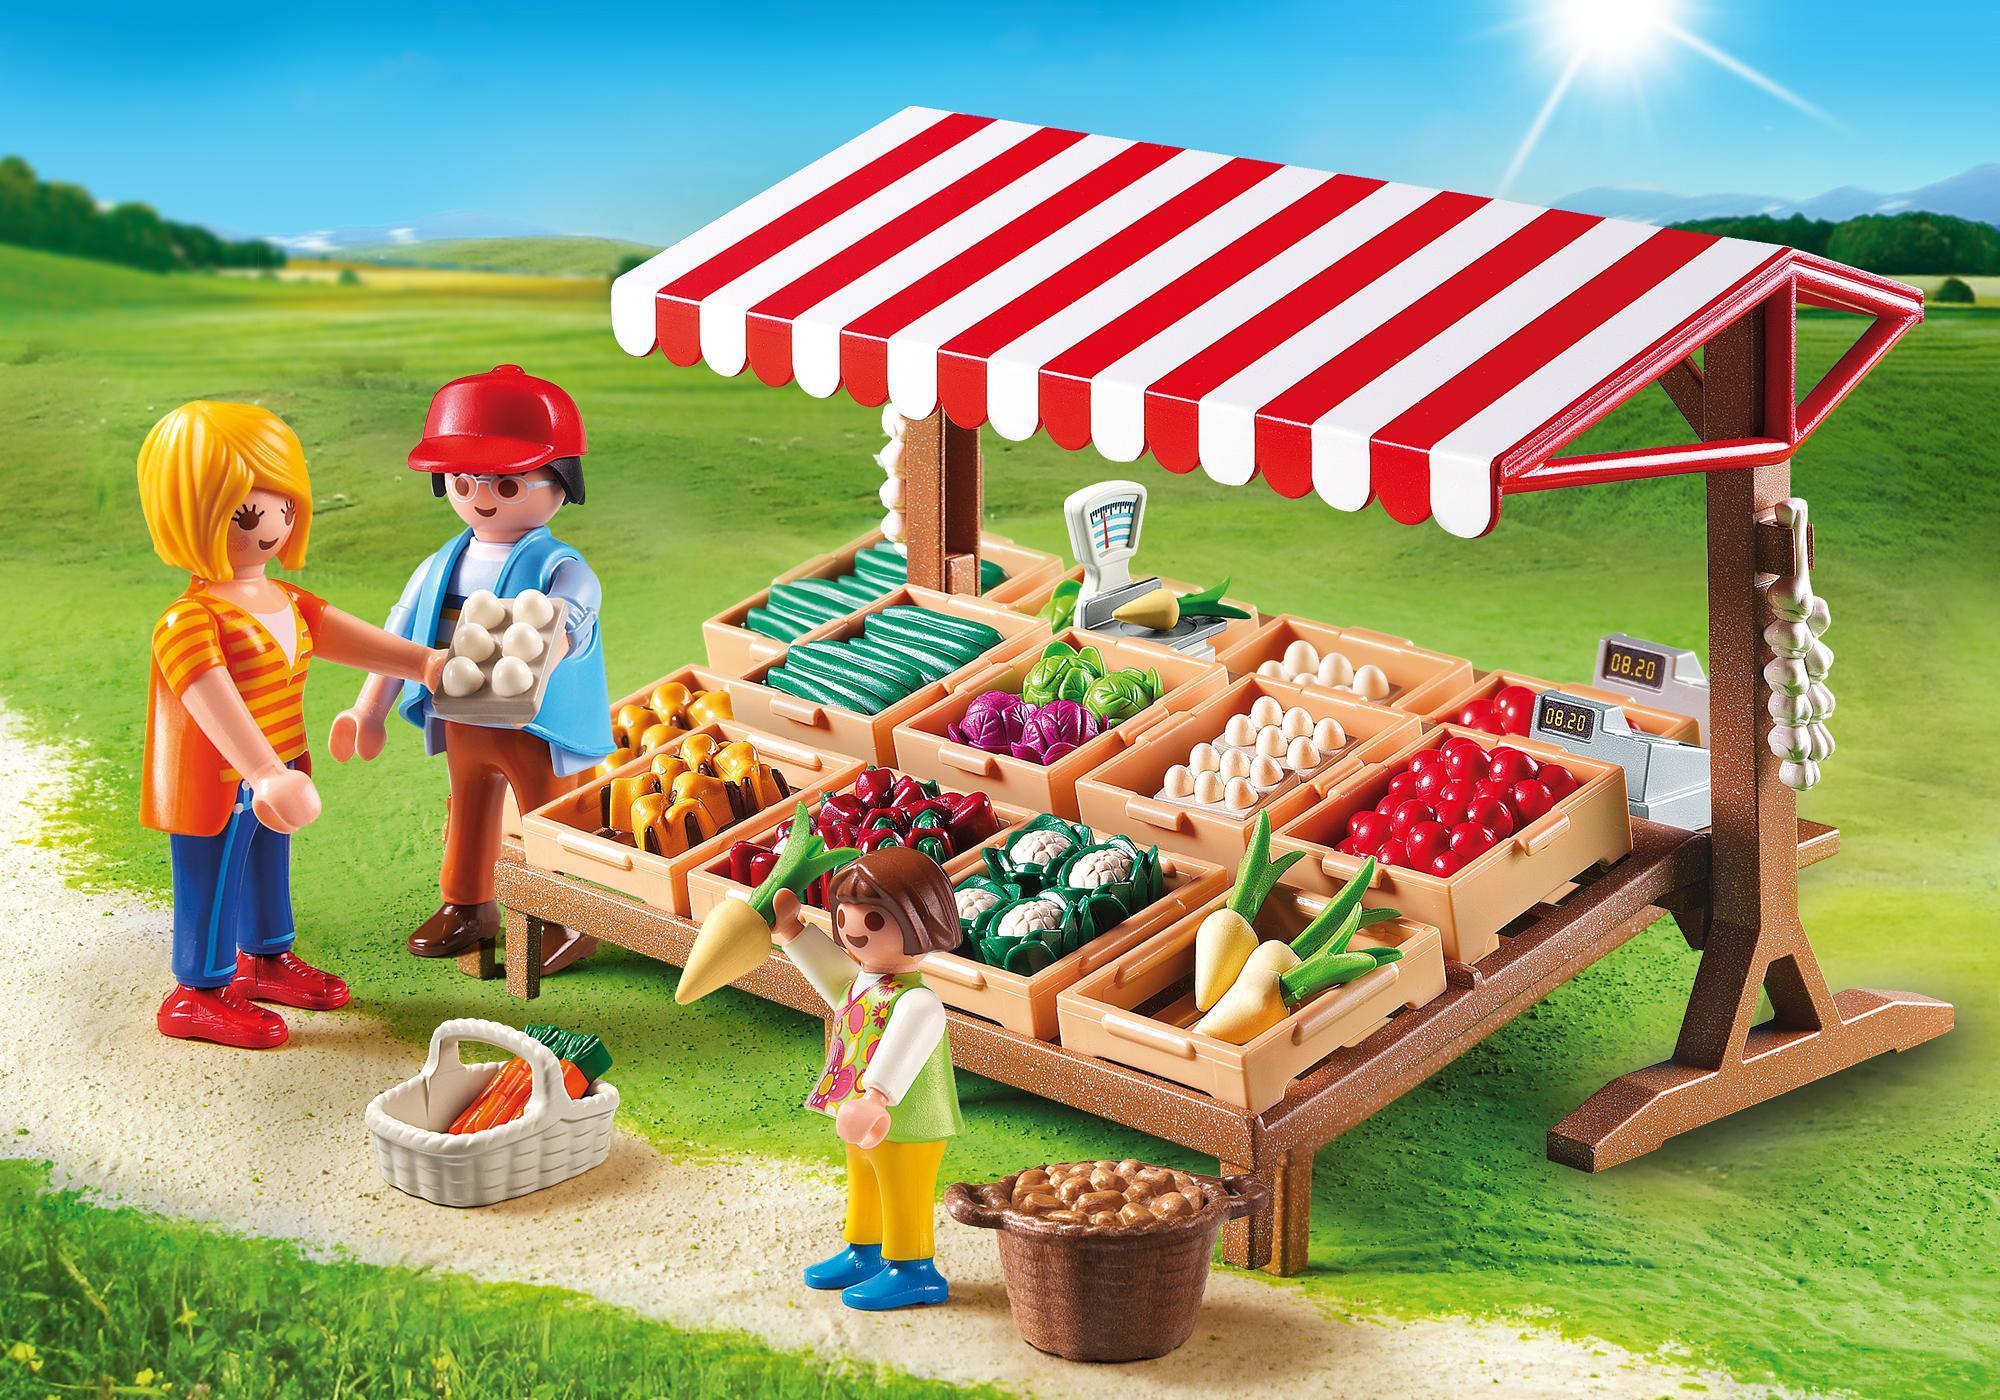 http://media.playmobil.com/i/playmobil/6121_product_detail/Banca de Vegetais